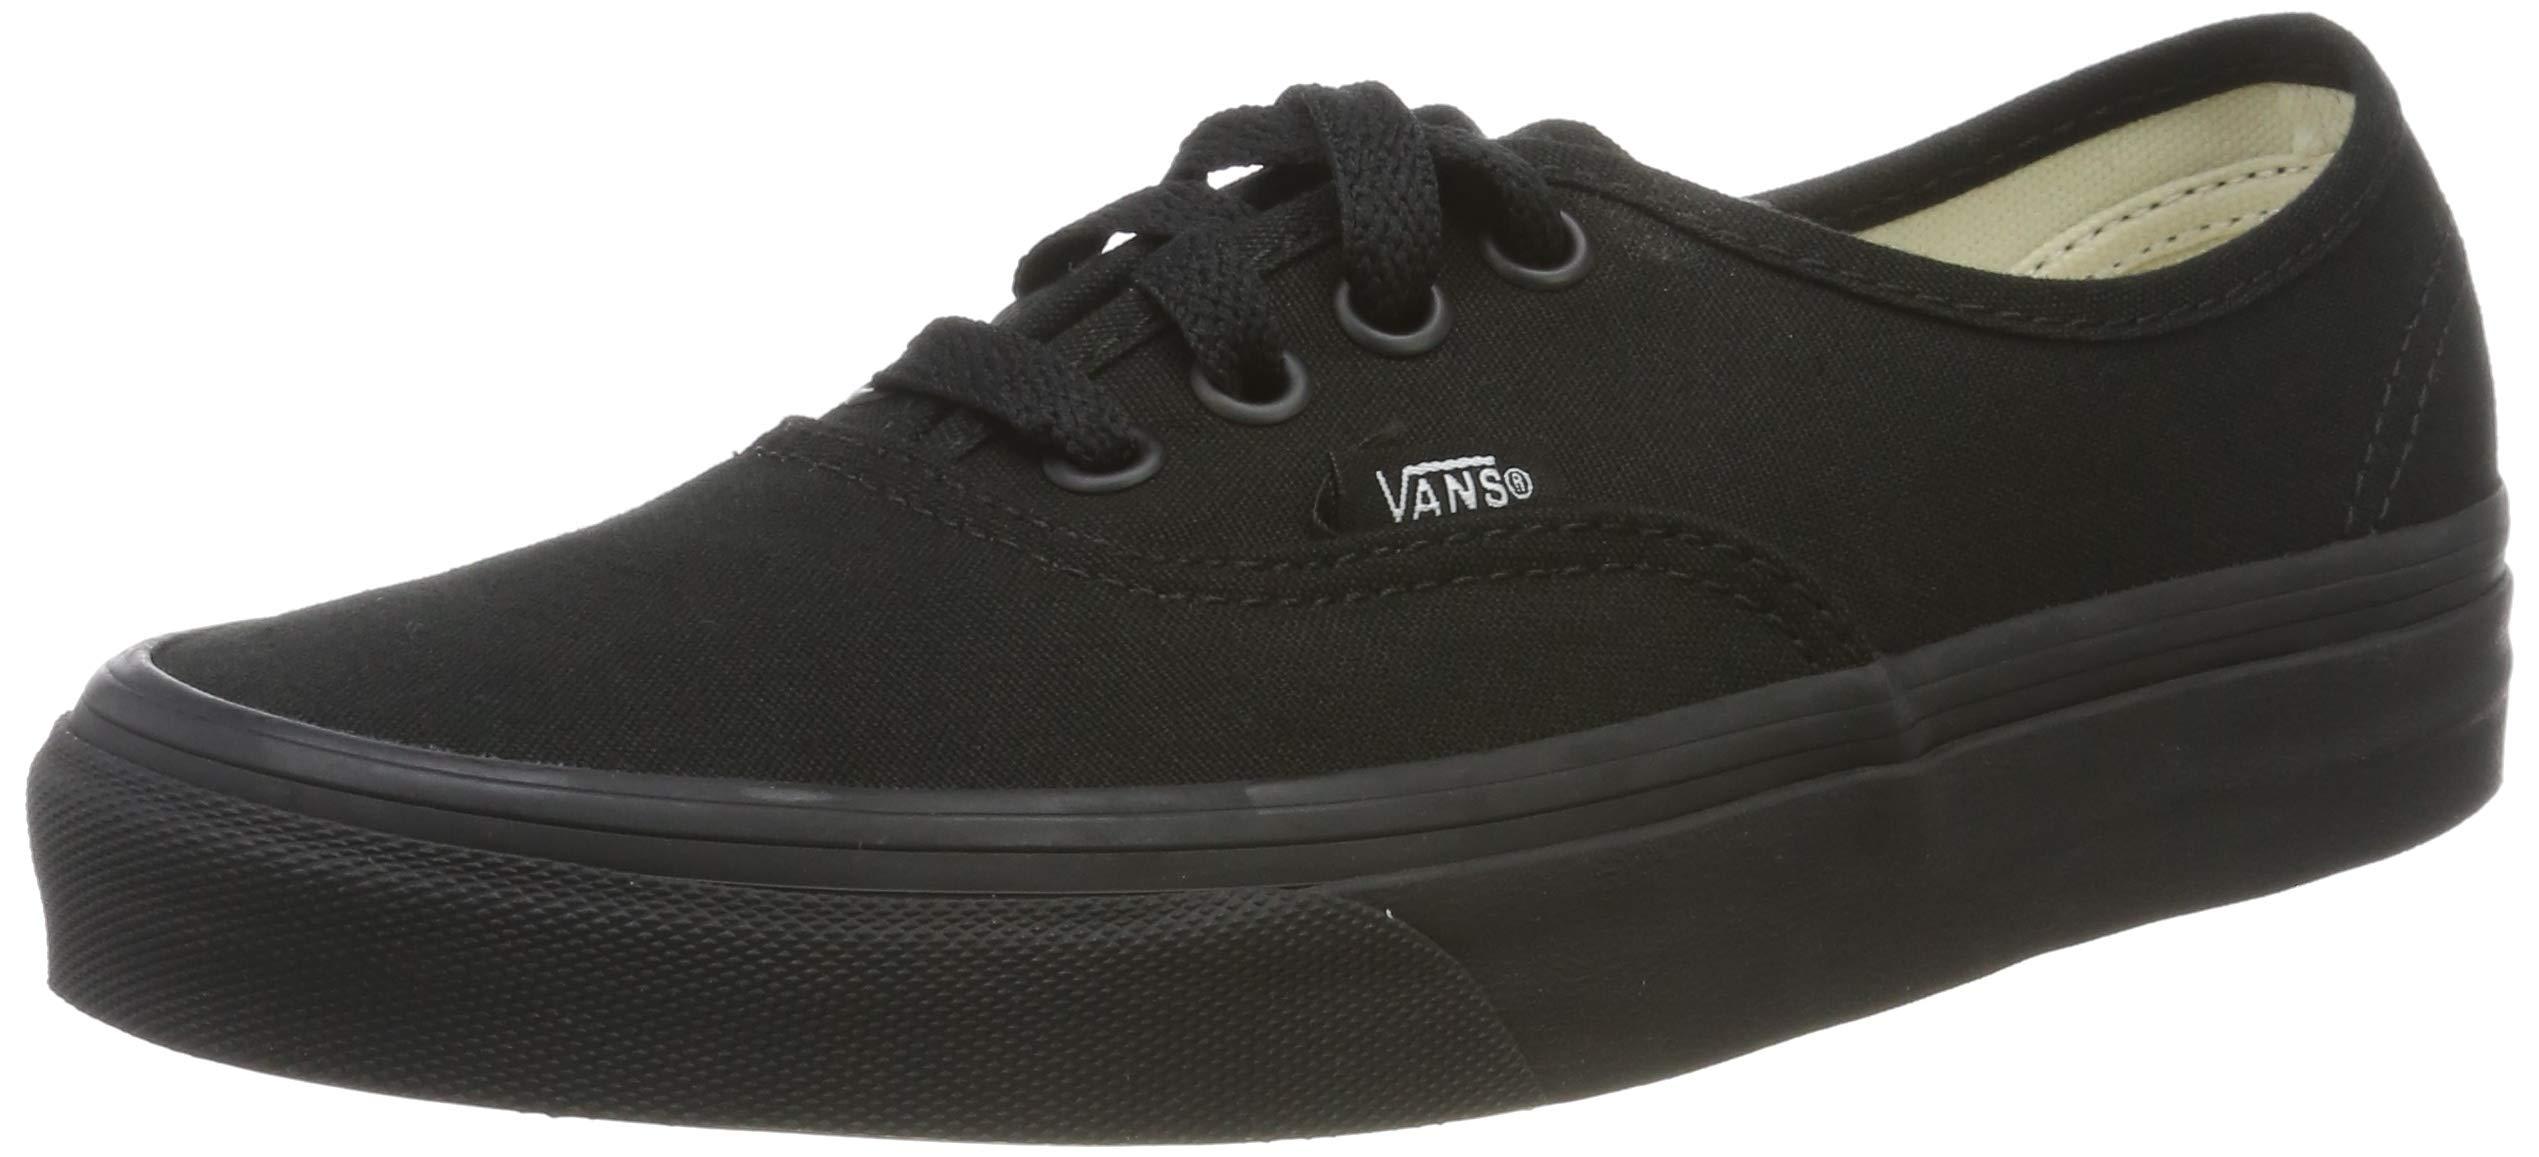 Vans Authentic Unisex Skate Trainers Shoes Black/Black 12 B(M) US Women / 10.5 D(M) US Men by Vans